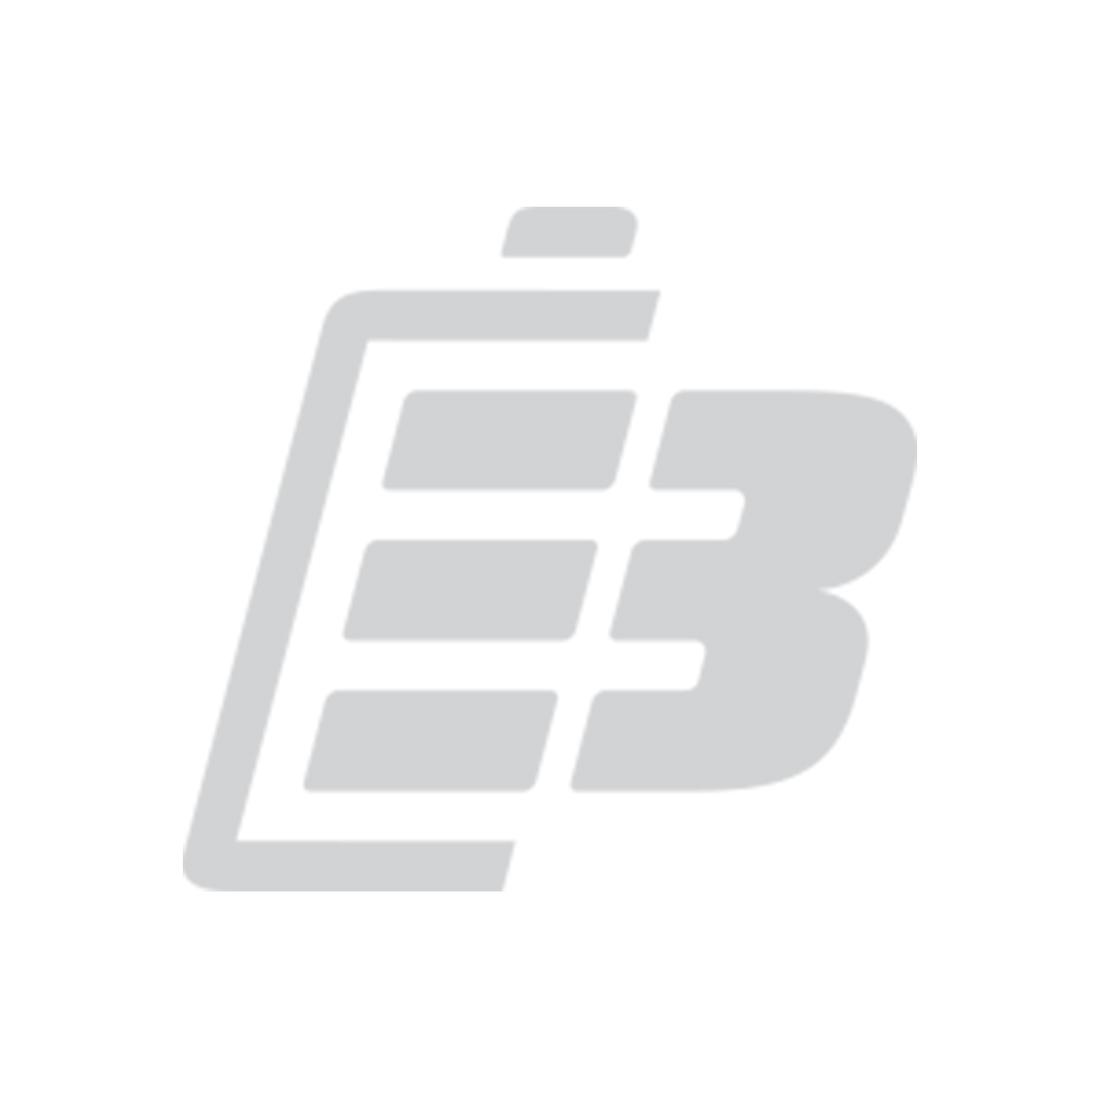 Smartphone battery ZTE Racer_1